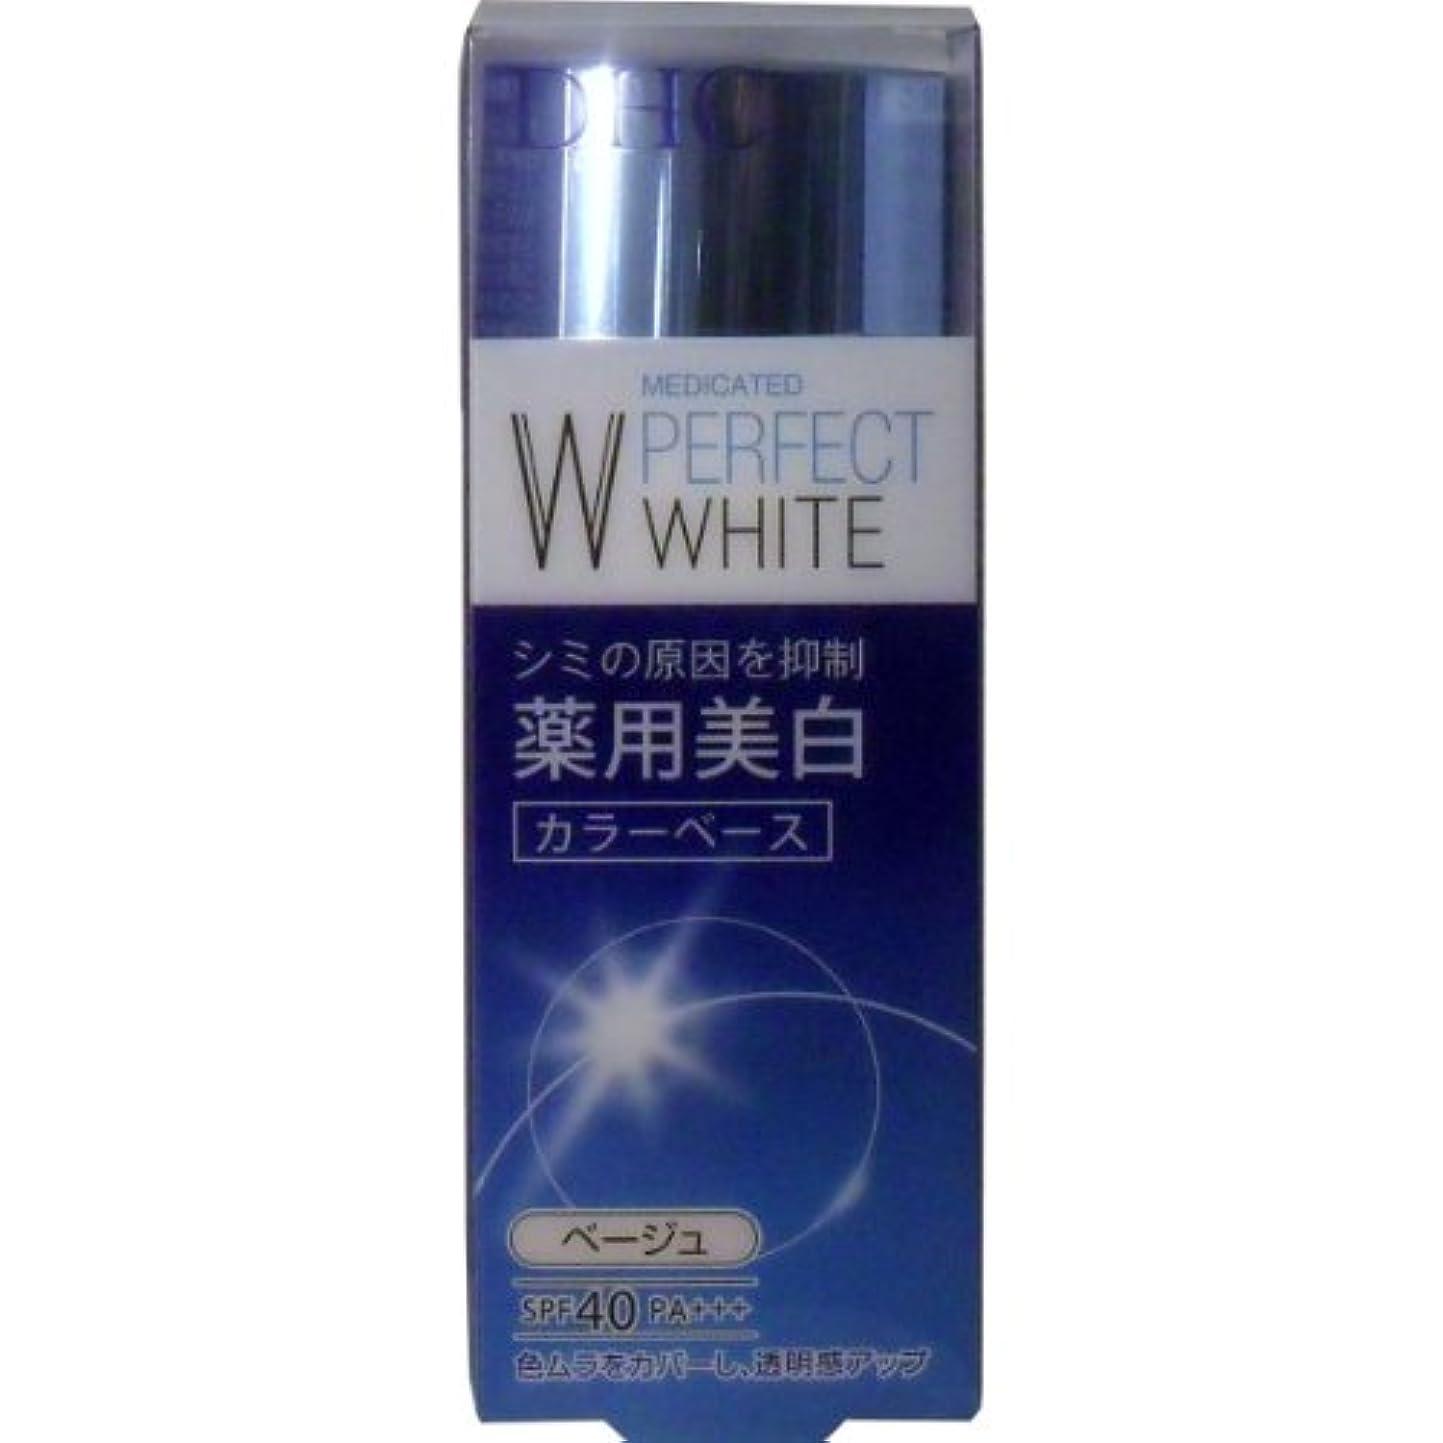 理容室フルーティーエクスタシーDHC 薬用美白パーフェクトホワイト カラーベース ベージュ 30g (商品内訳:単品1個)